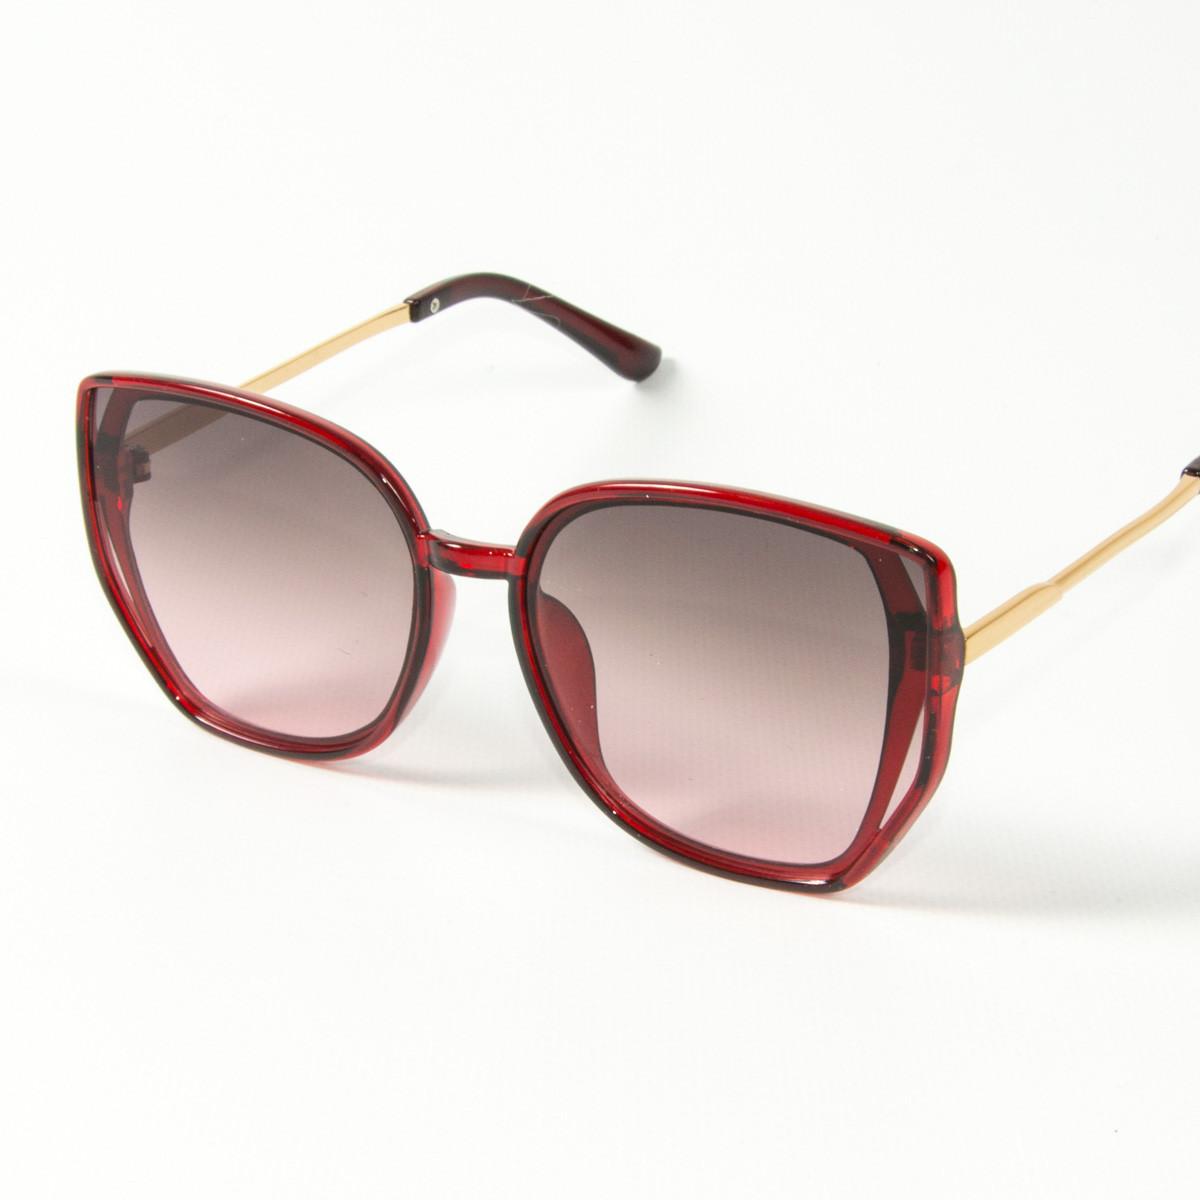 Оптом женские солнцезащитные очки кошачий глаз (арт. 2311/3) коричнево-красные